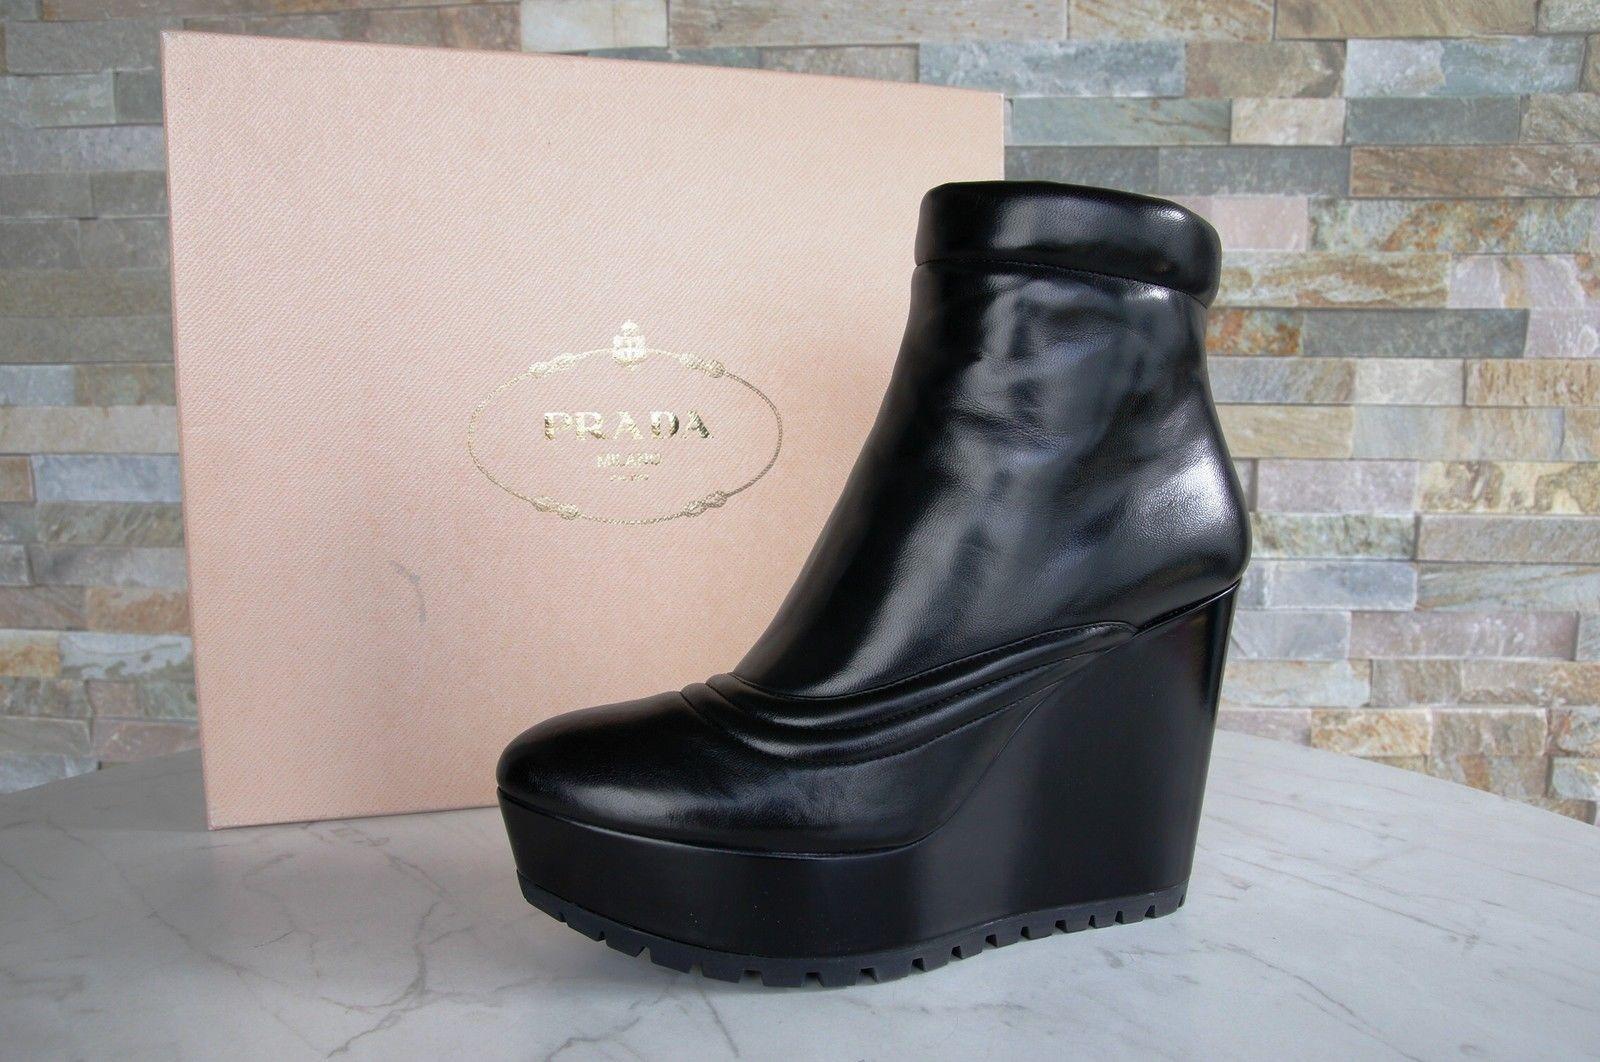 PRADA Gr 40 Stiefeletten Stiefelies Schuhe Stiefel Stiefel Stiefel 1TZ008 schwarz neu ehem 0fccf1